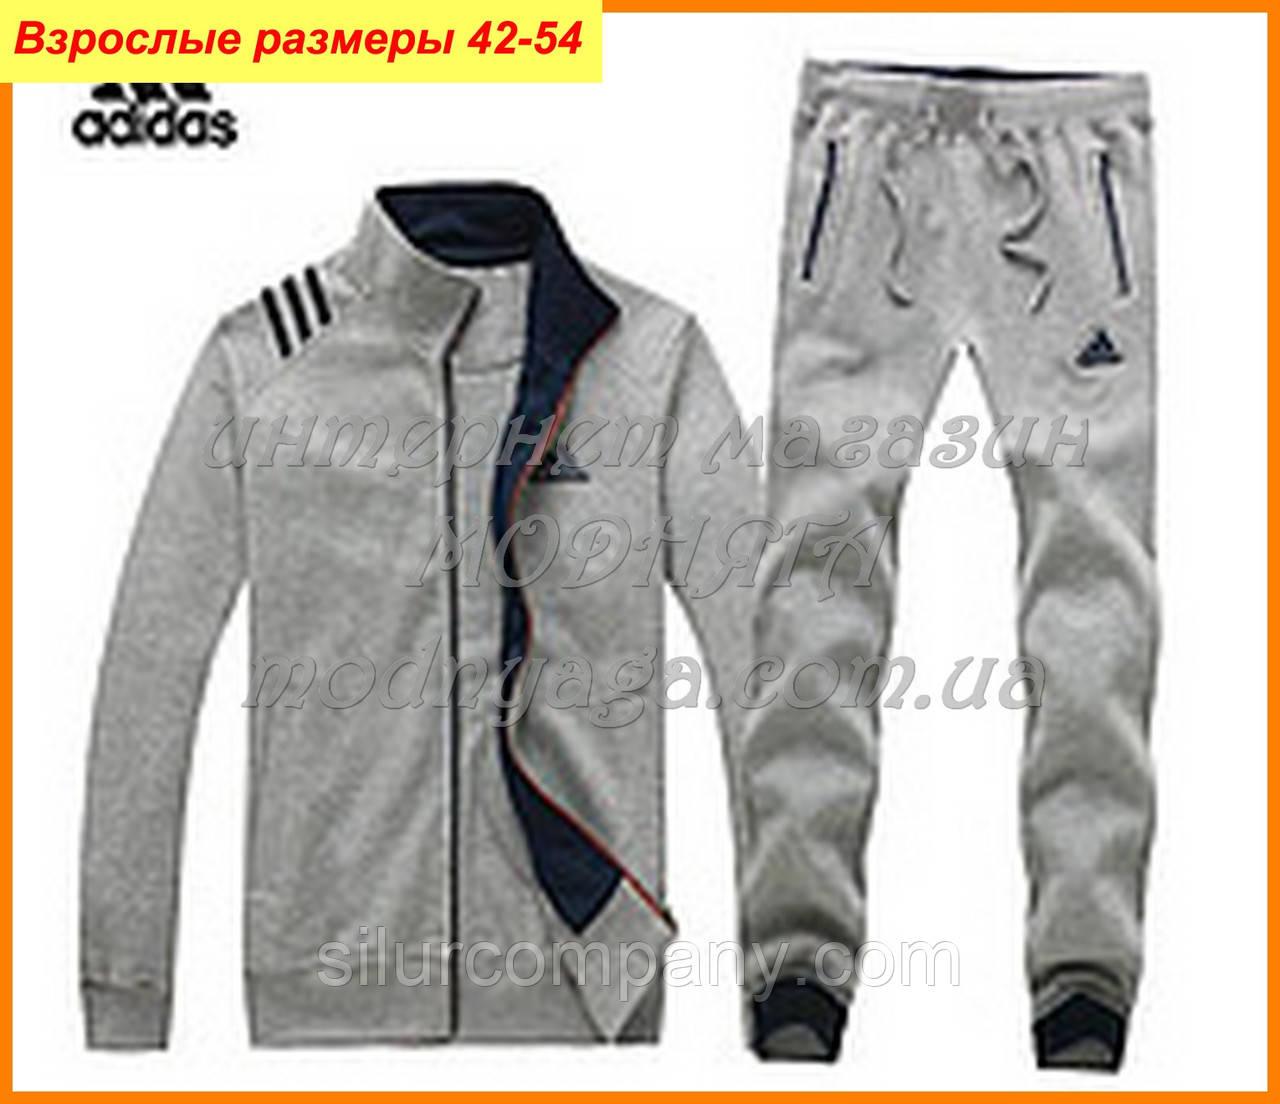 72f5be31 Спортивные костюмы мужские adidas original - Интернет магазин